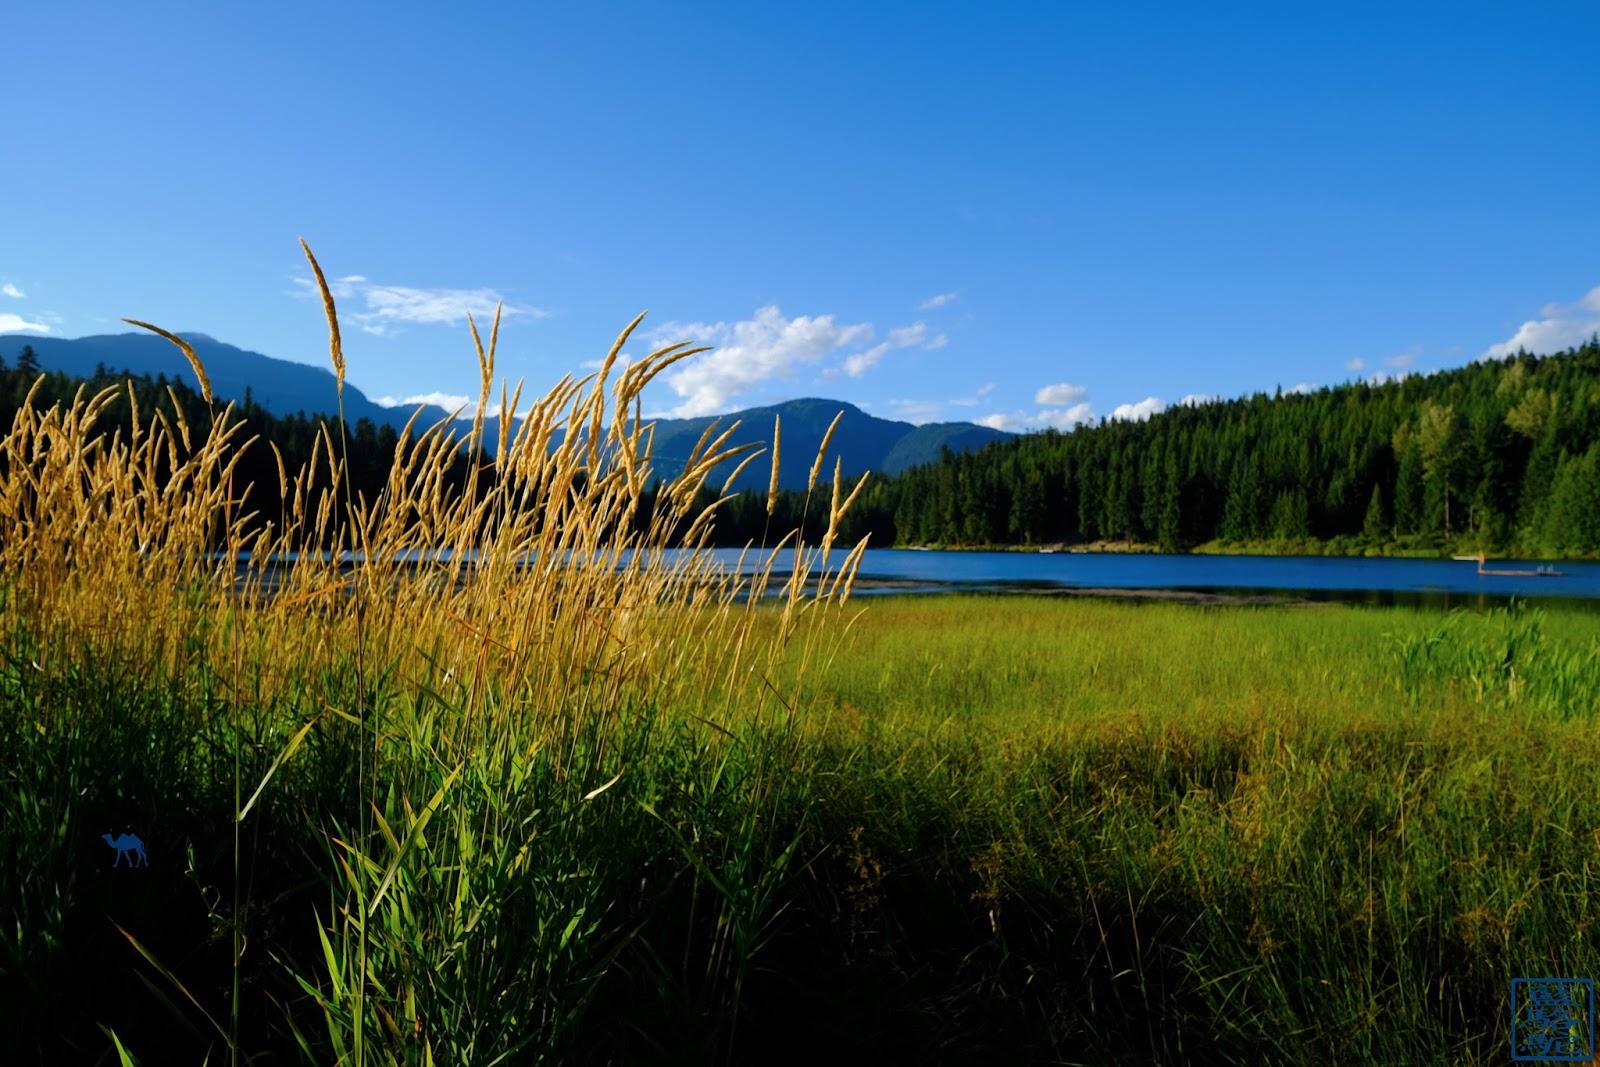 Le Chameau Bleu - Blog Voyage Canada Colombie Britannique -Lost Lake Whistler